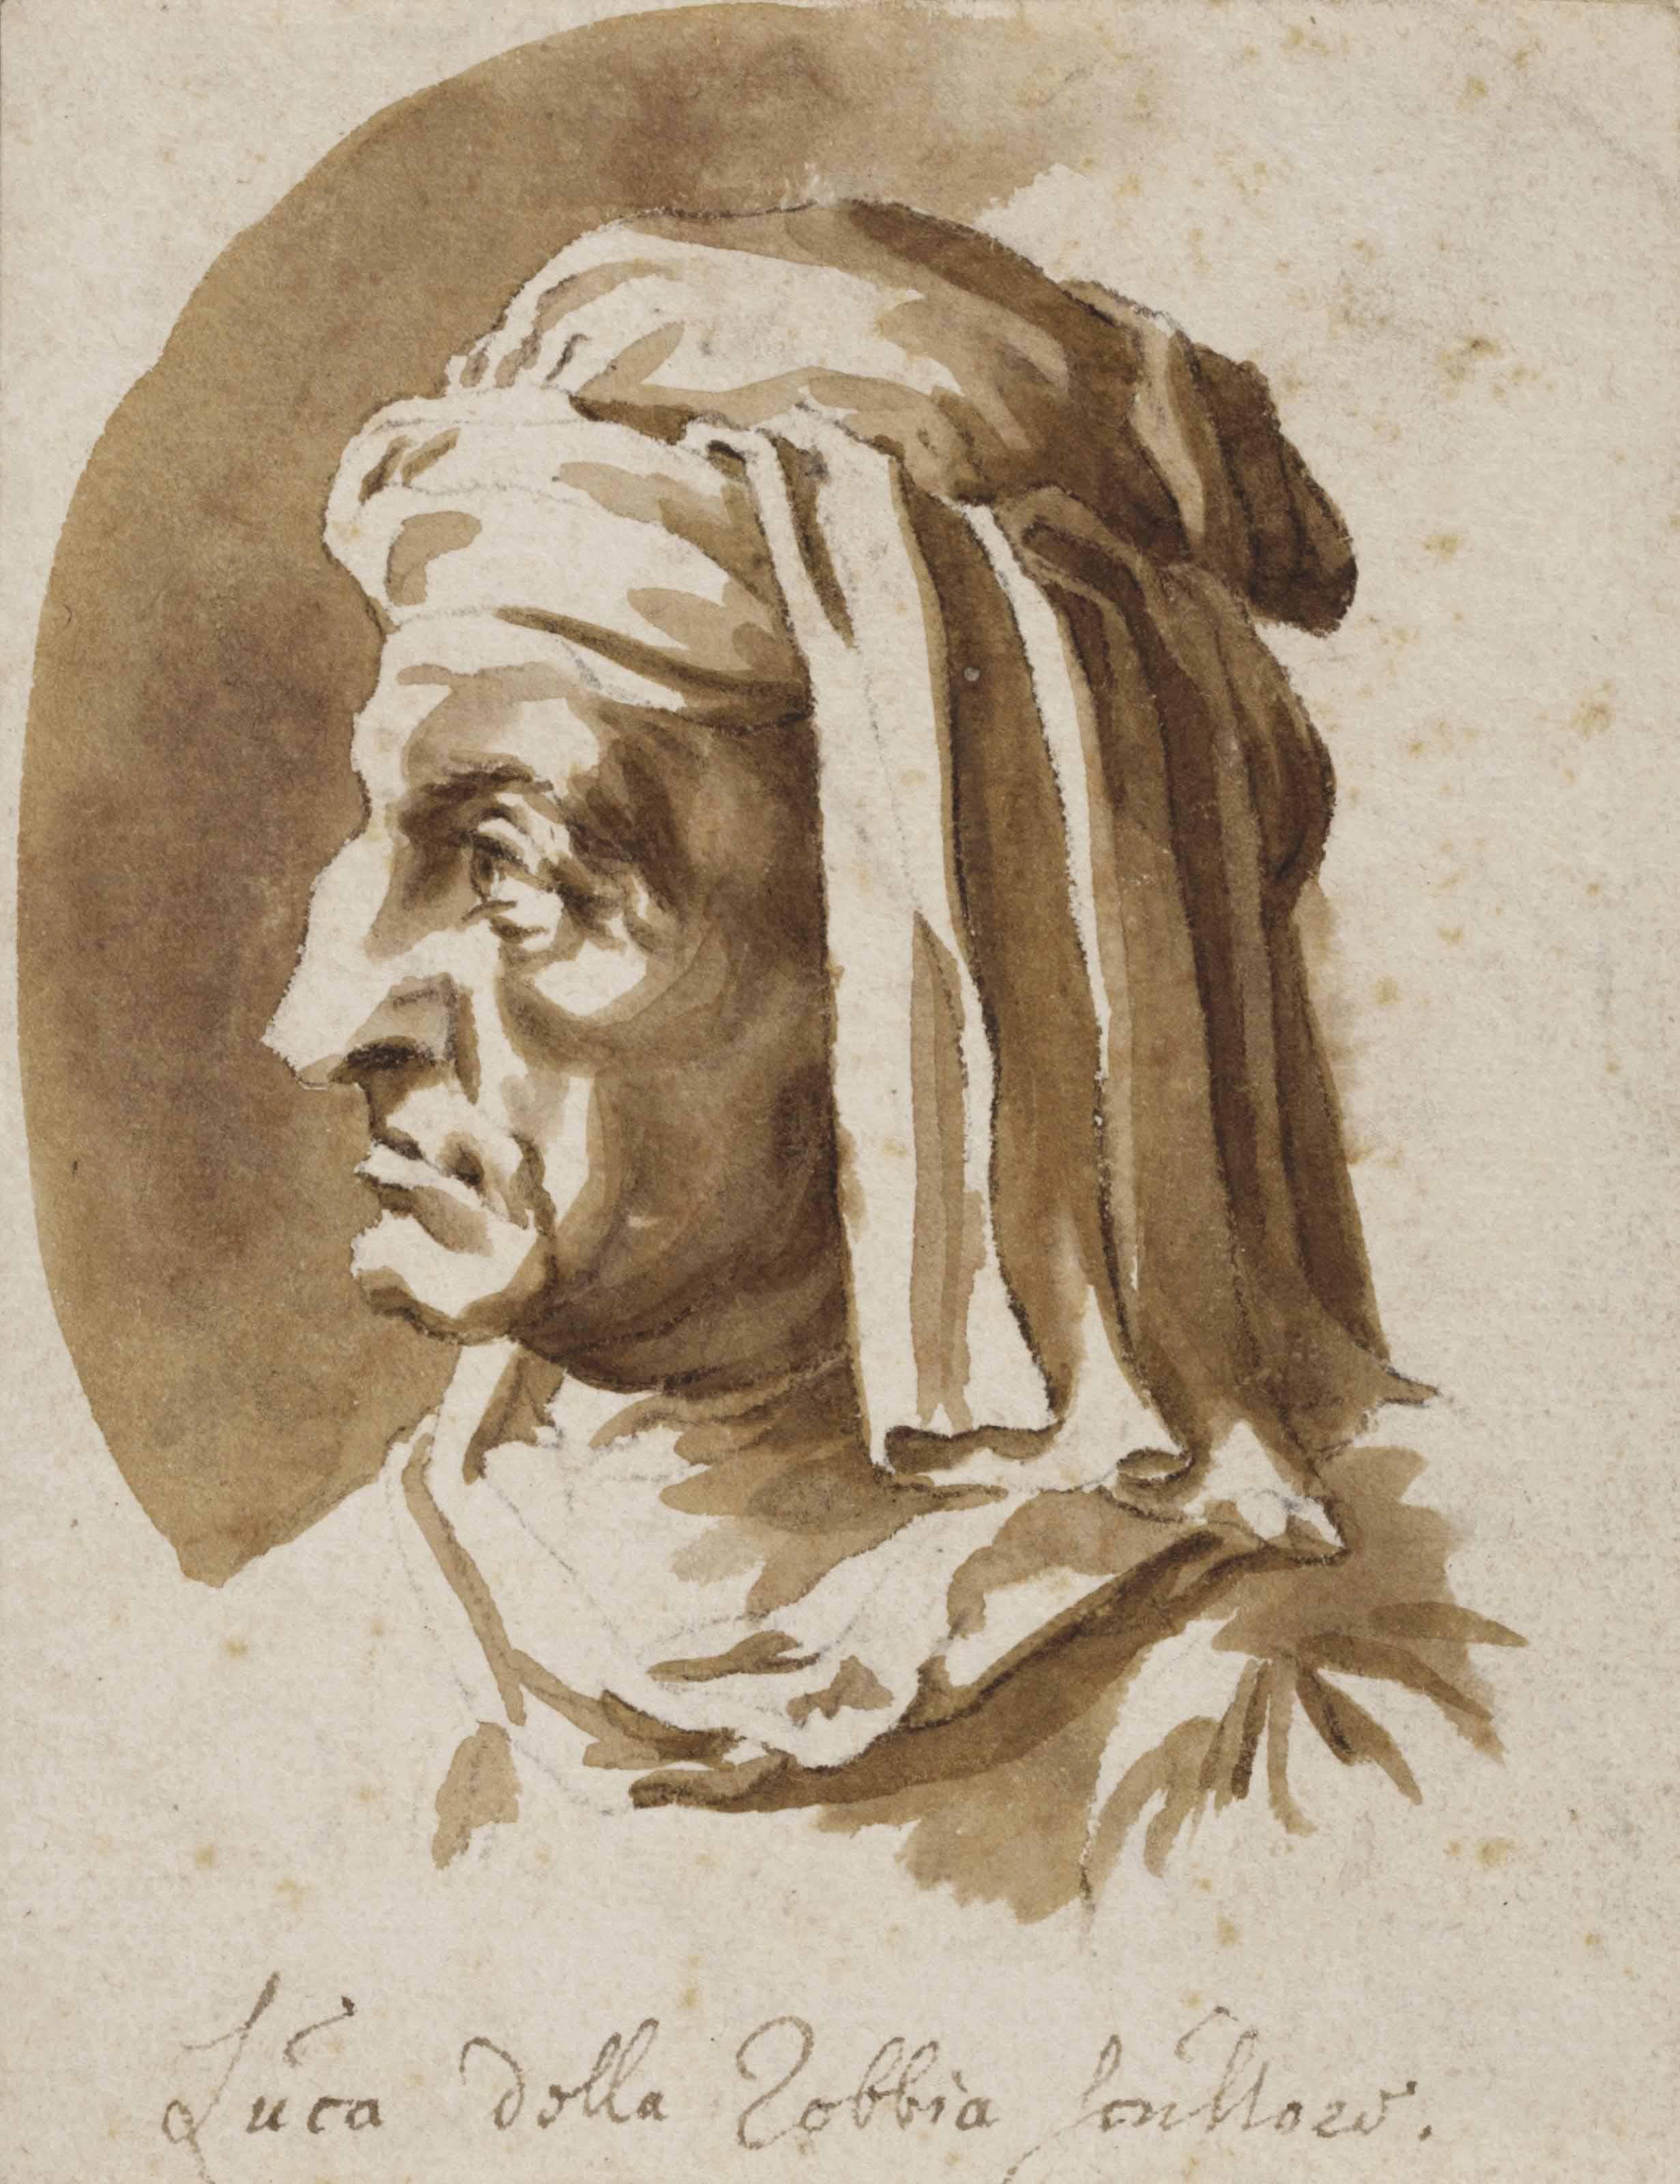 Portrait bust of Luca della Robbia, after Giorgio Vasari